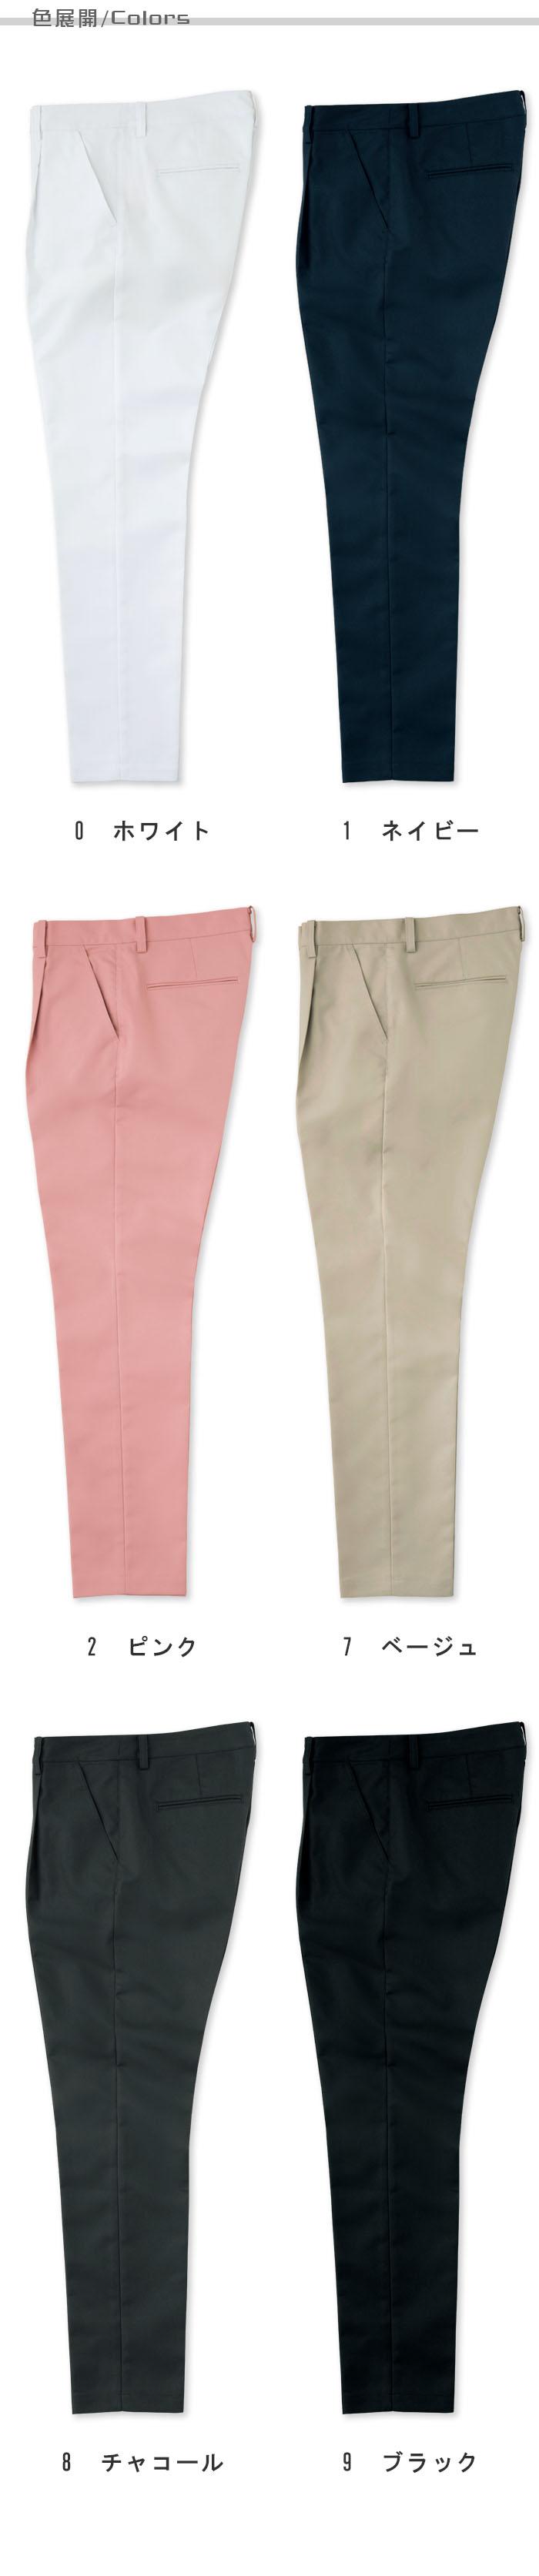 飲食店販売店制服 カジュアルとフォーマルのちょうどいいバランス パンツ【6色】男性用